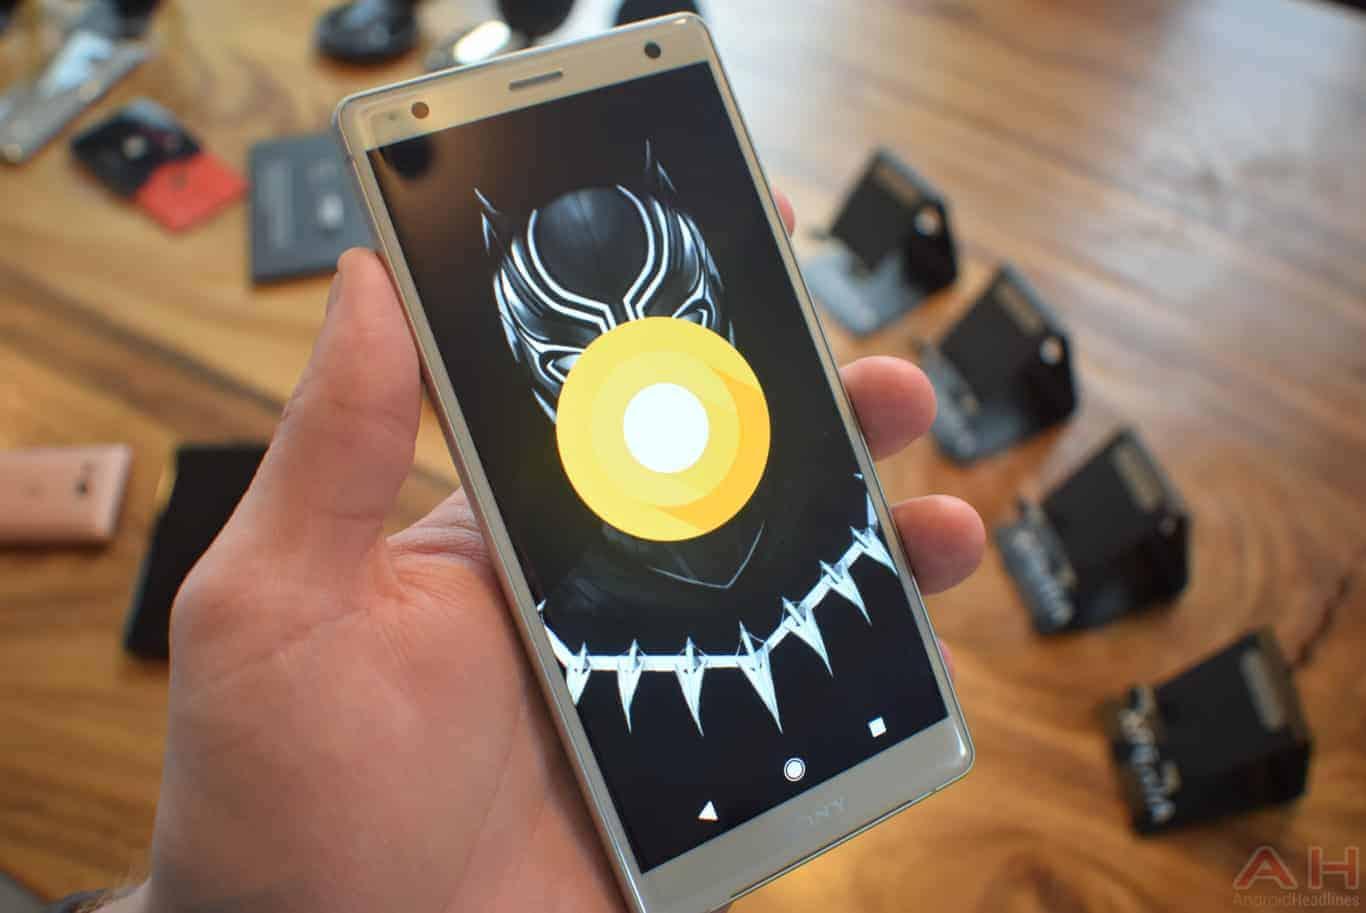 Sony Xperia XZ2 MWC 18 AM AH 15